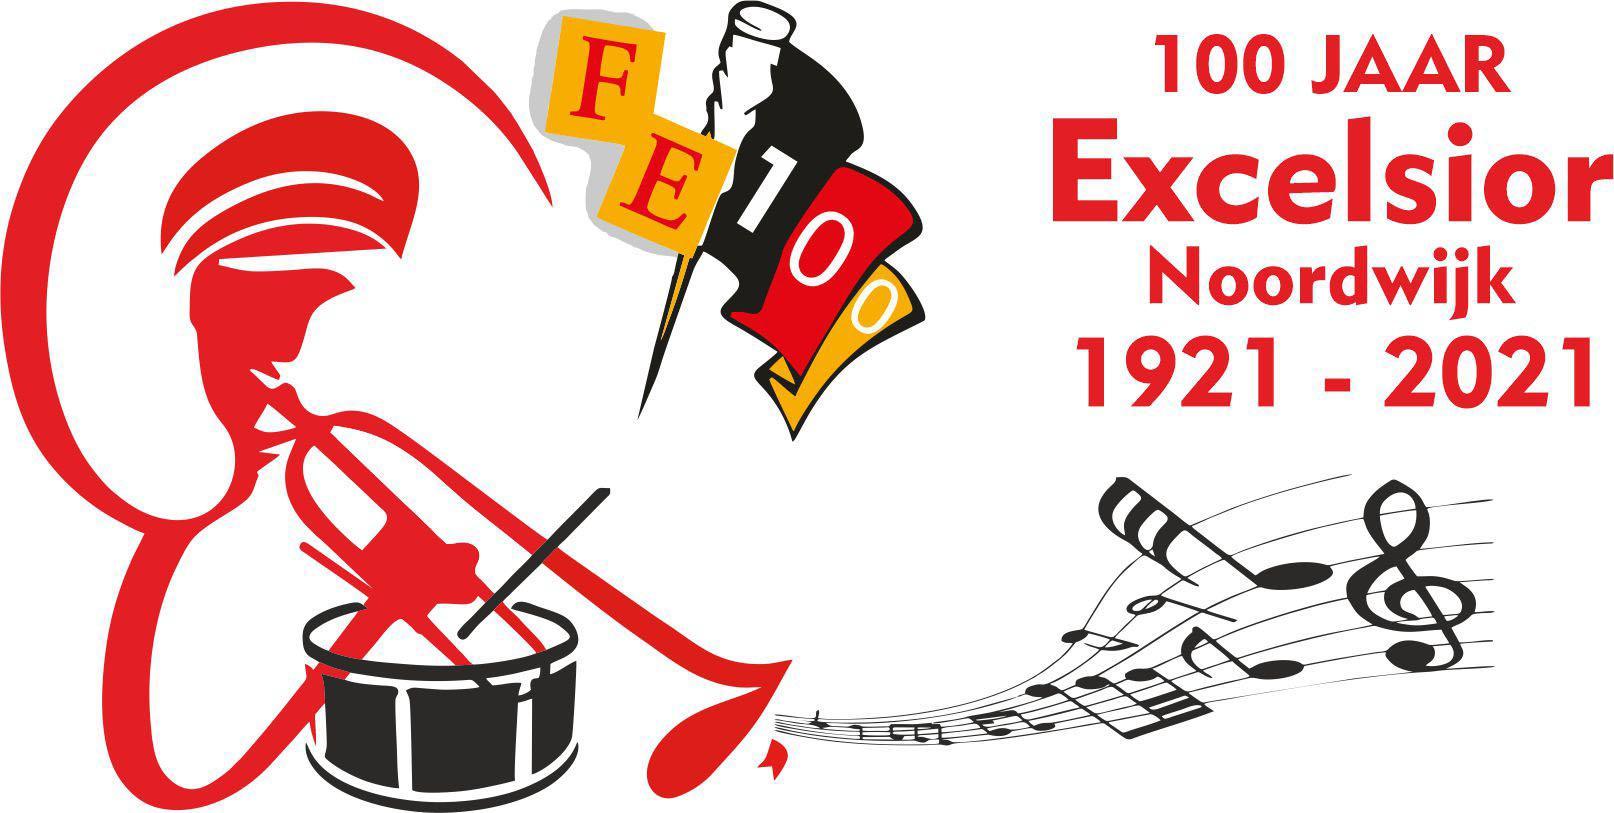 Fanfarekorps Excelsior Noordwijk